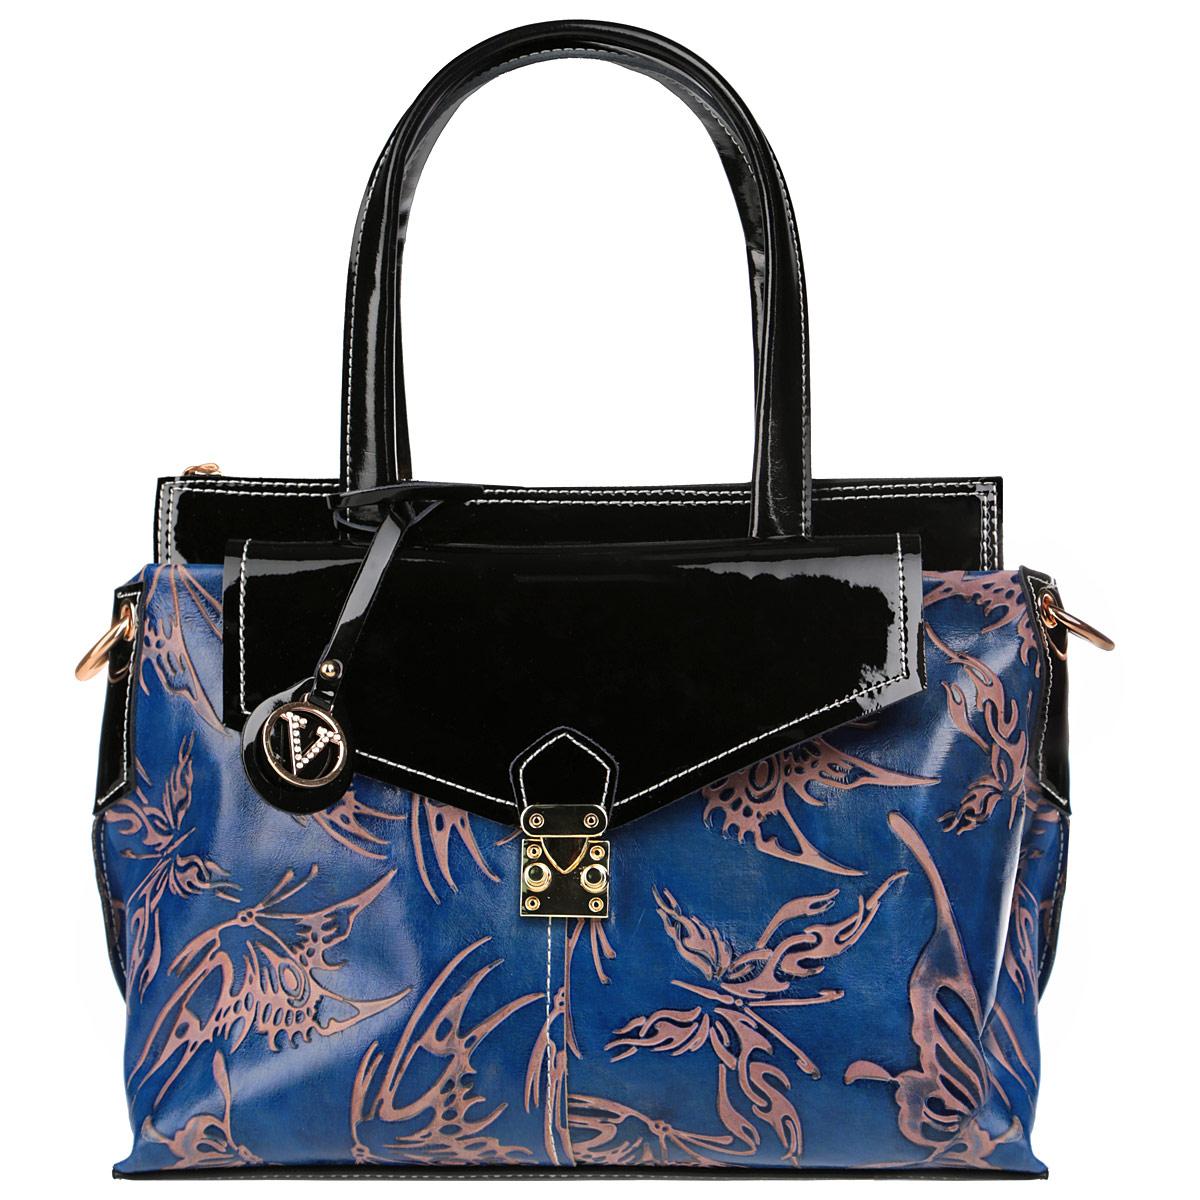 Сумка женская Velina Fabbiano, цвет: синий, черный. 33249-YB33249-YB blueСтильная женская сумка Velina Fabbiano выполнена из высококачественной натуральной кожи и декорирована тисненым узором в виде бабочек, а также вставками из лакированной кожи. Одна из ручек оформлена стильным фирменным брелоком. Изделие закрывается на застежку-молнию. Внутреннее отделение, разделенное средником на застежке-молнии, дополнено двумя накладными кармашками и врезным карманом на застежке-молнии. На лицевой и обратной сторонах сумки расположено по одному врезному карману, карман спереди закрывается клапаном на замок-защелку, сзади - на застежку-молнию. Сумка оснащена двумя удобными ручками и жестким основанием. В комплекте - чехол для хранения и съемный плечевой ремень. Сумка - это стильный аксессуар, который подчеркнет вашу индивидуальность и сделает ваш образ завершенным. Оригинальное цветовое сочетание, стильный декор, модный дизайн - прекрасное дополнение к гардеробу модницы.